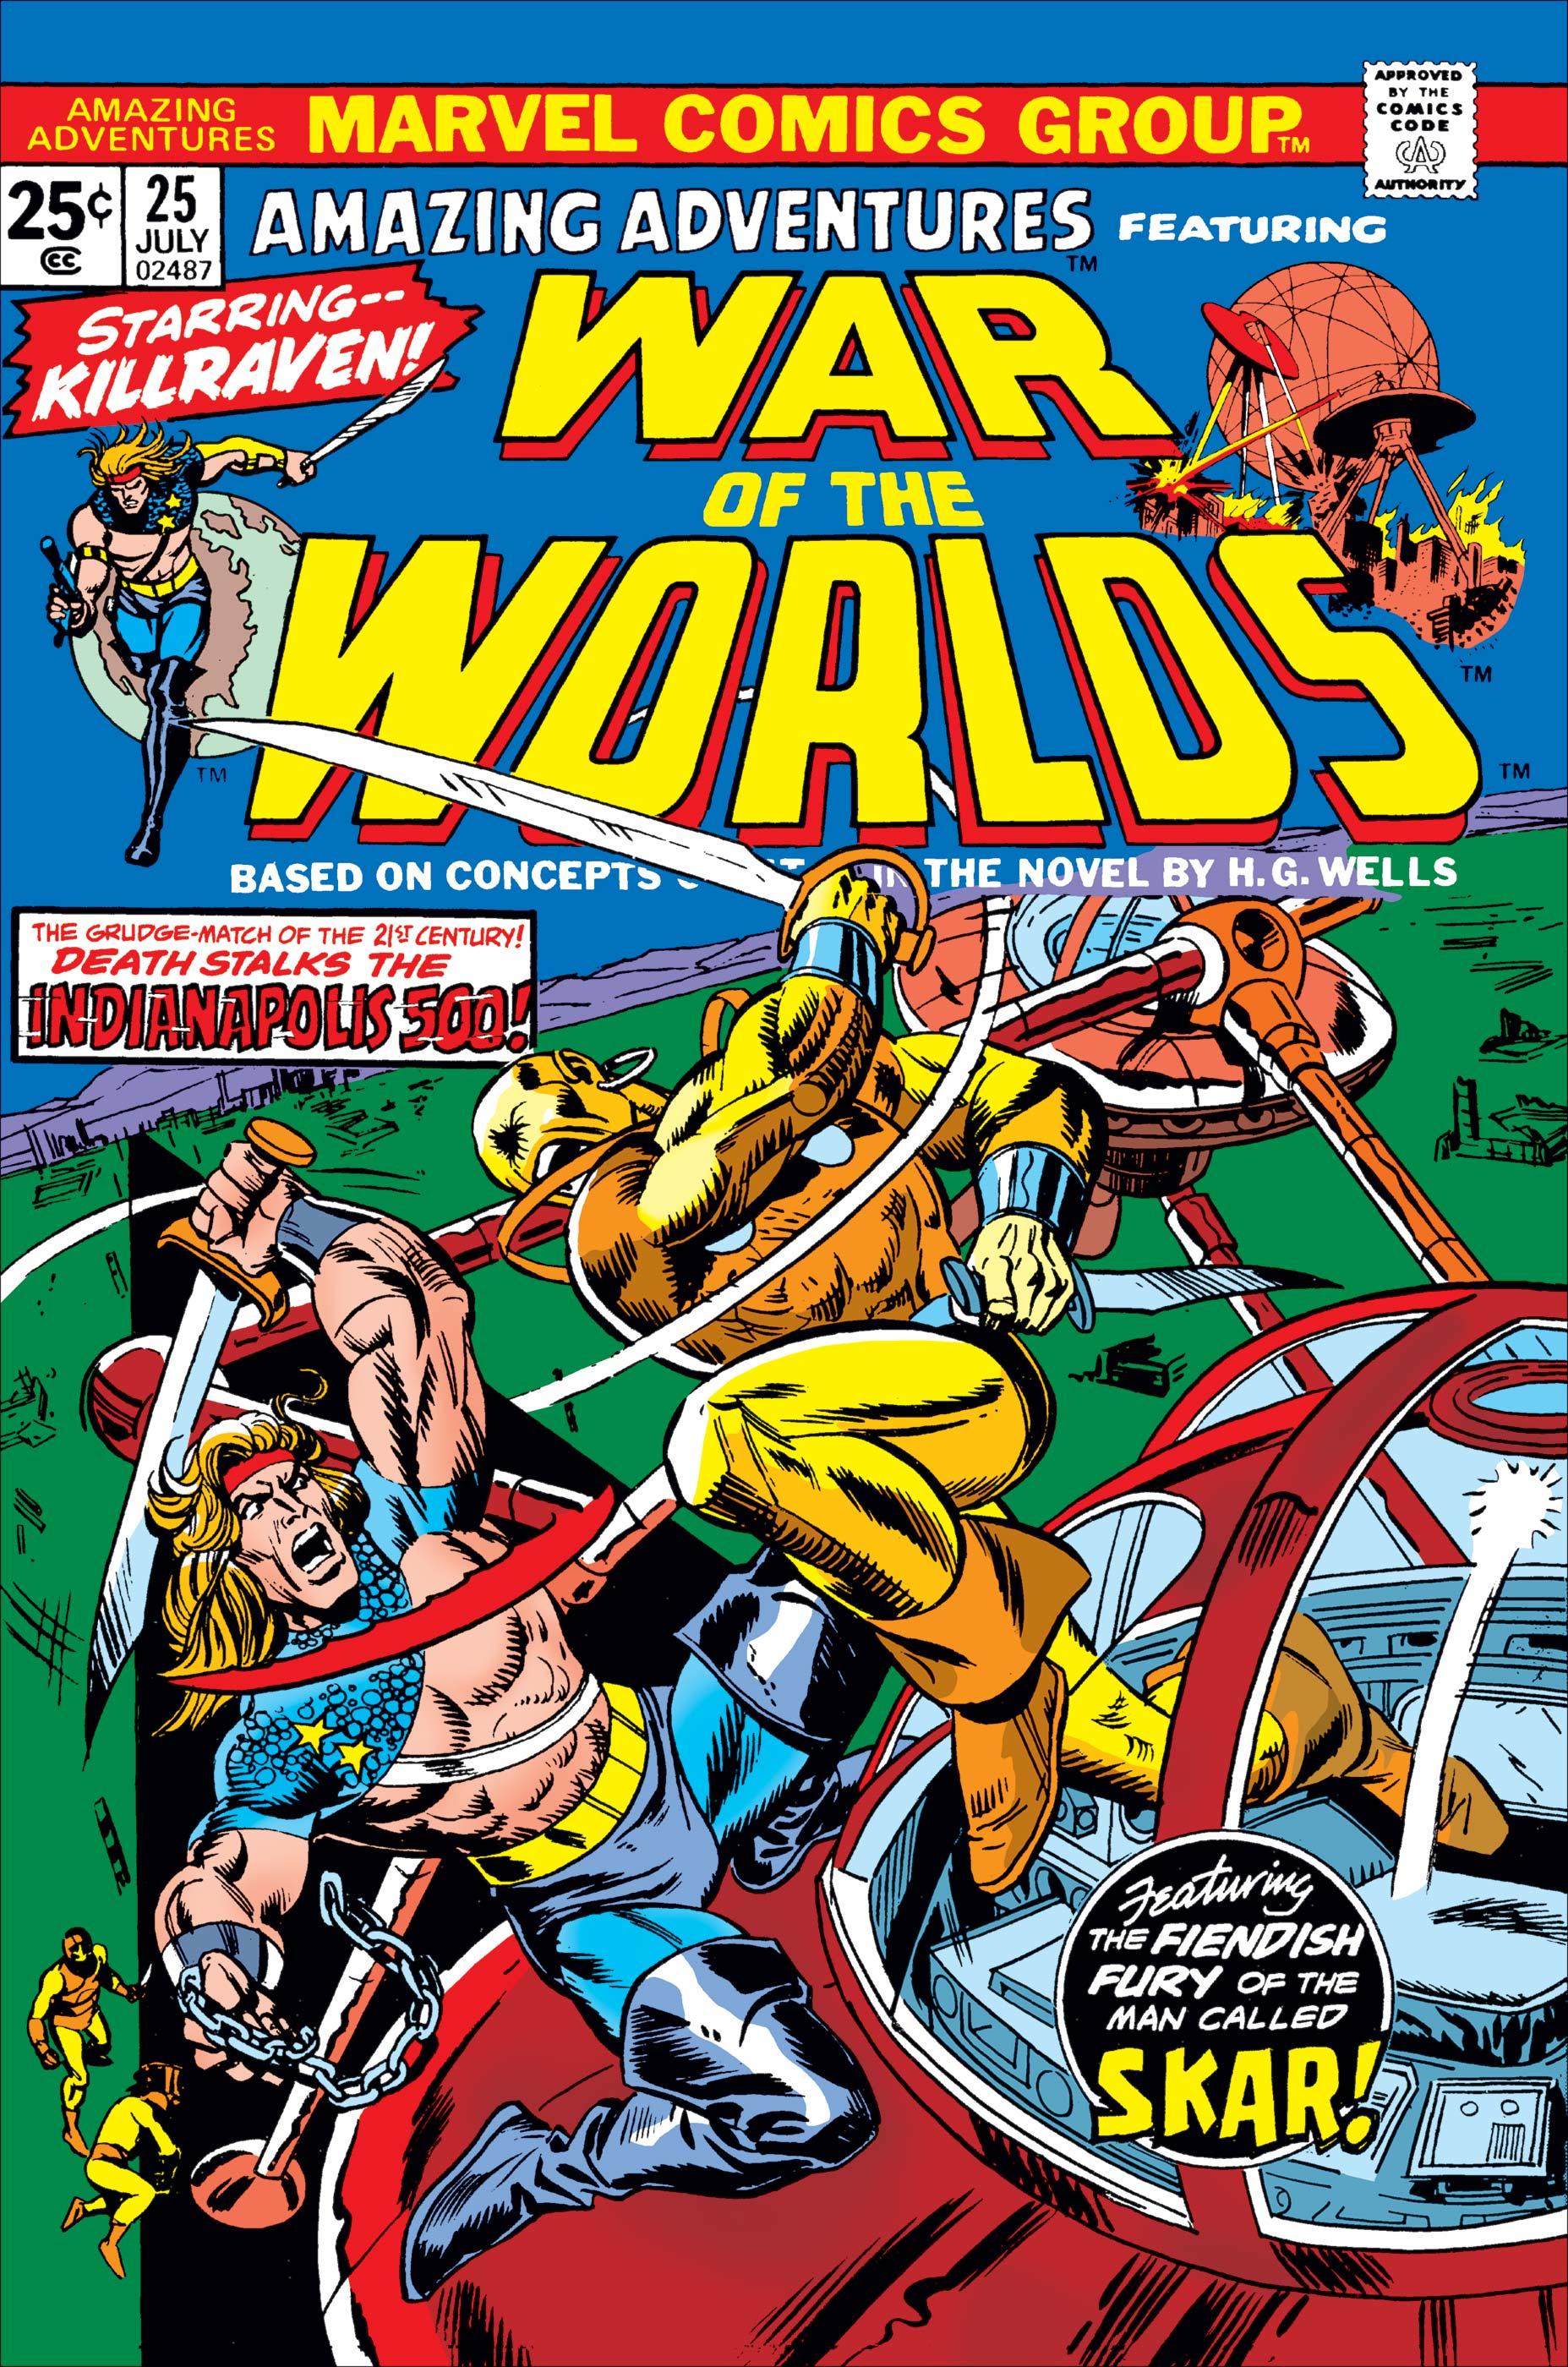 Amazing Adventures (1970) #25